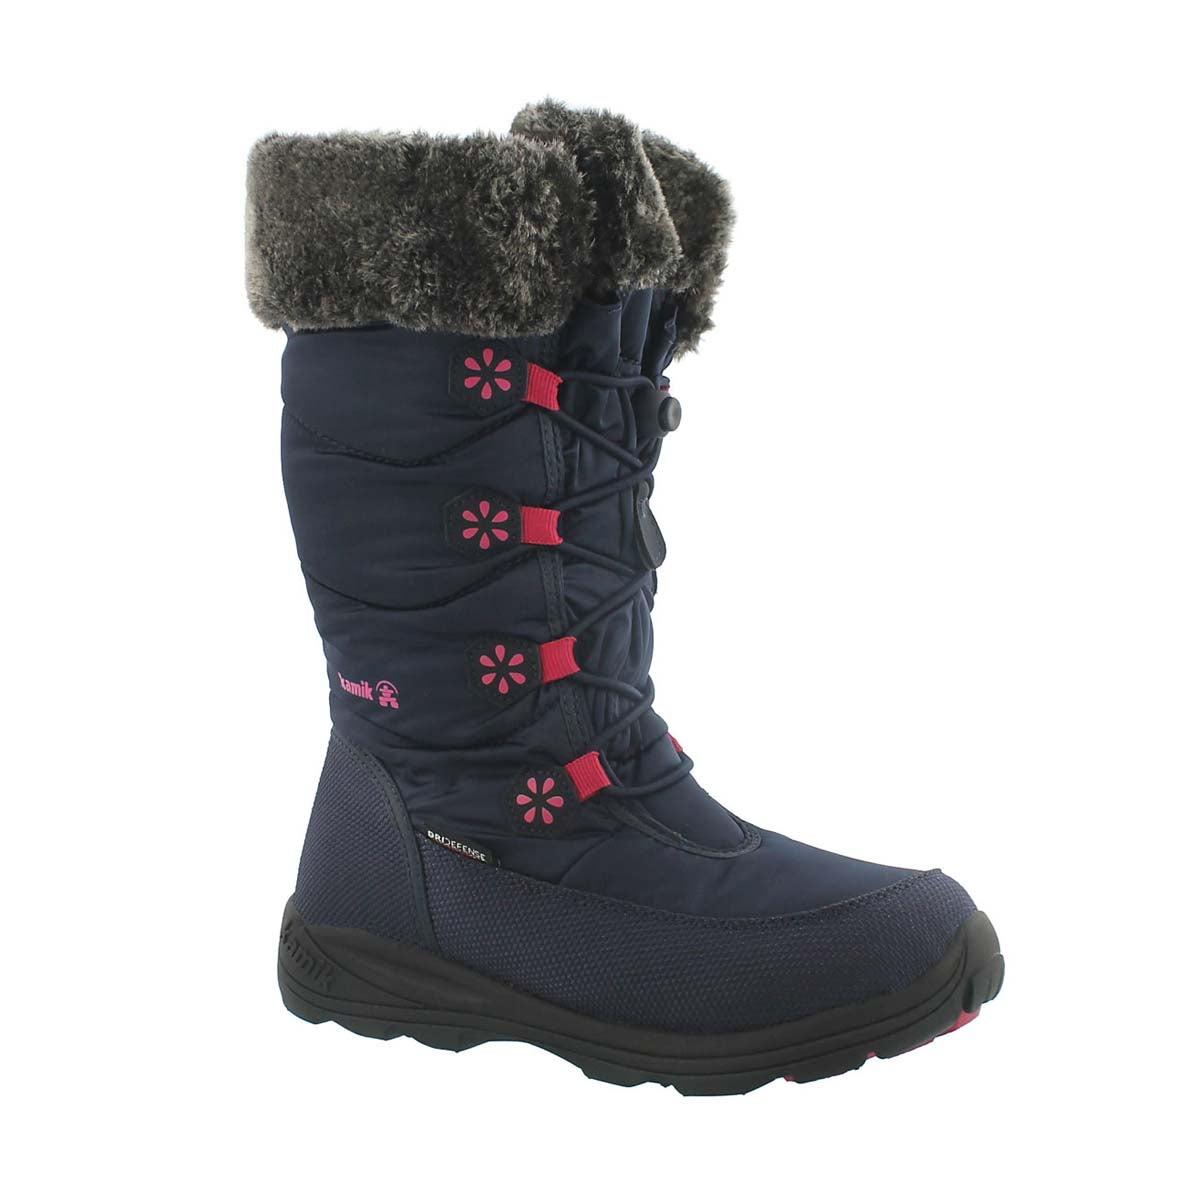 Xxx Snow Boots 16